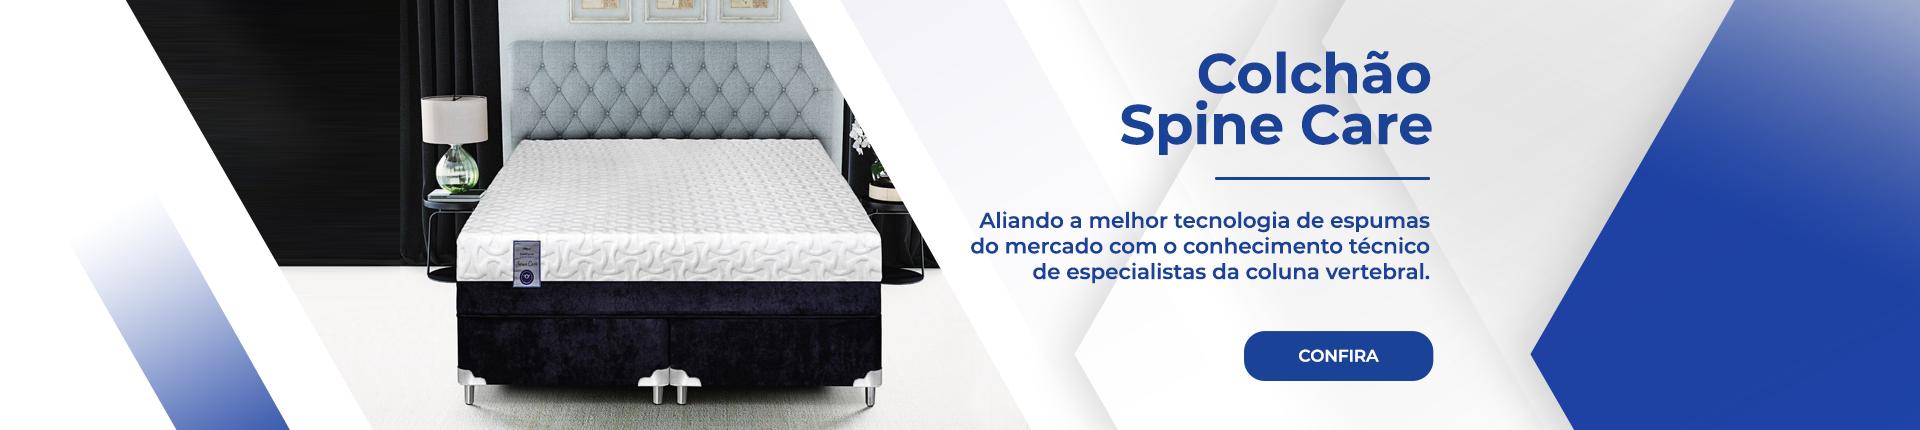 LDE - Colchão Spine Care